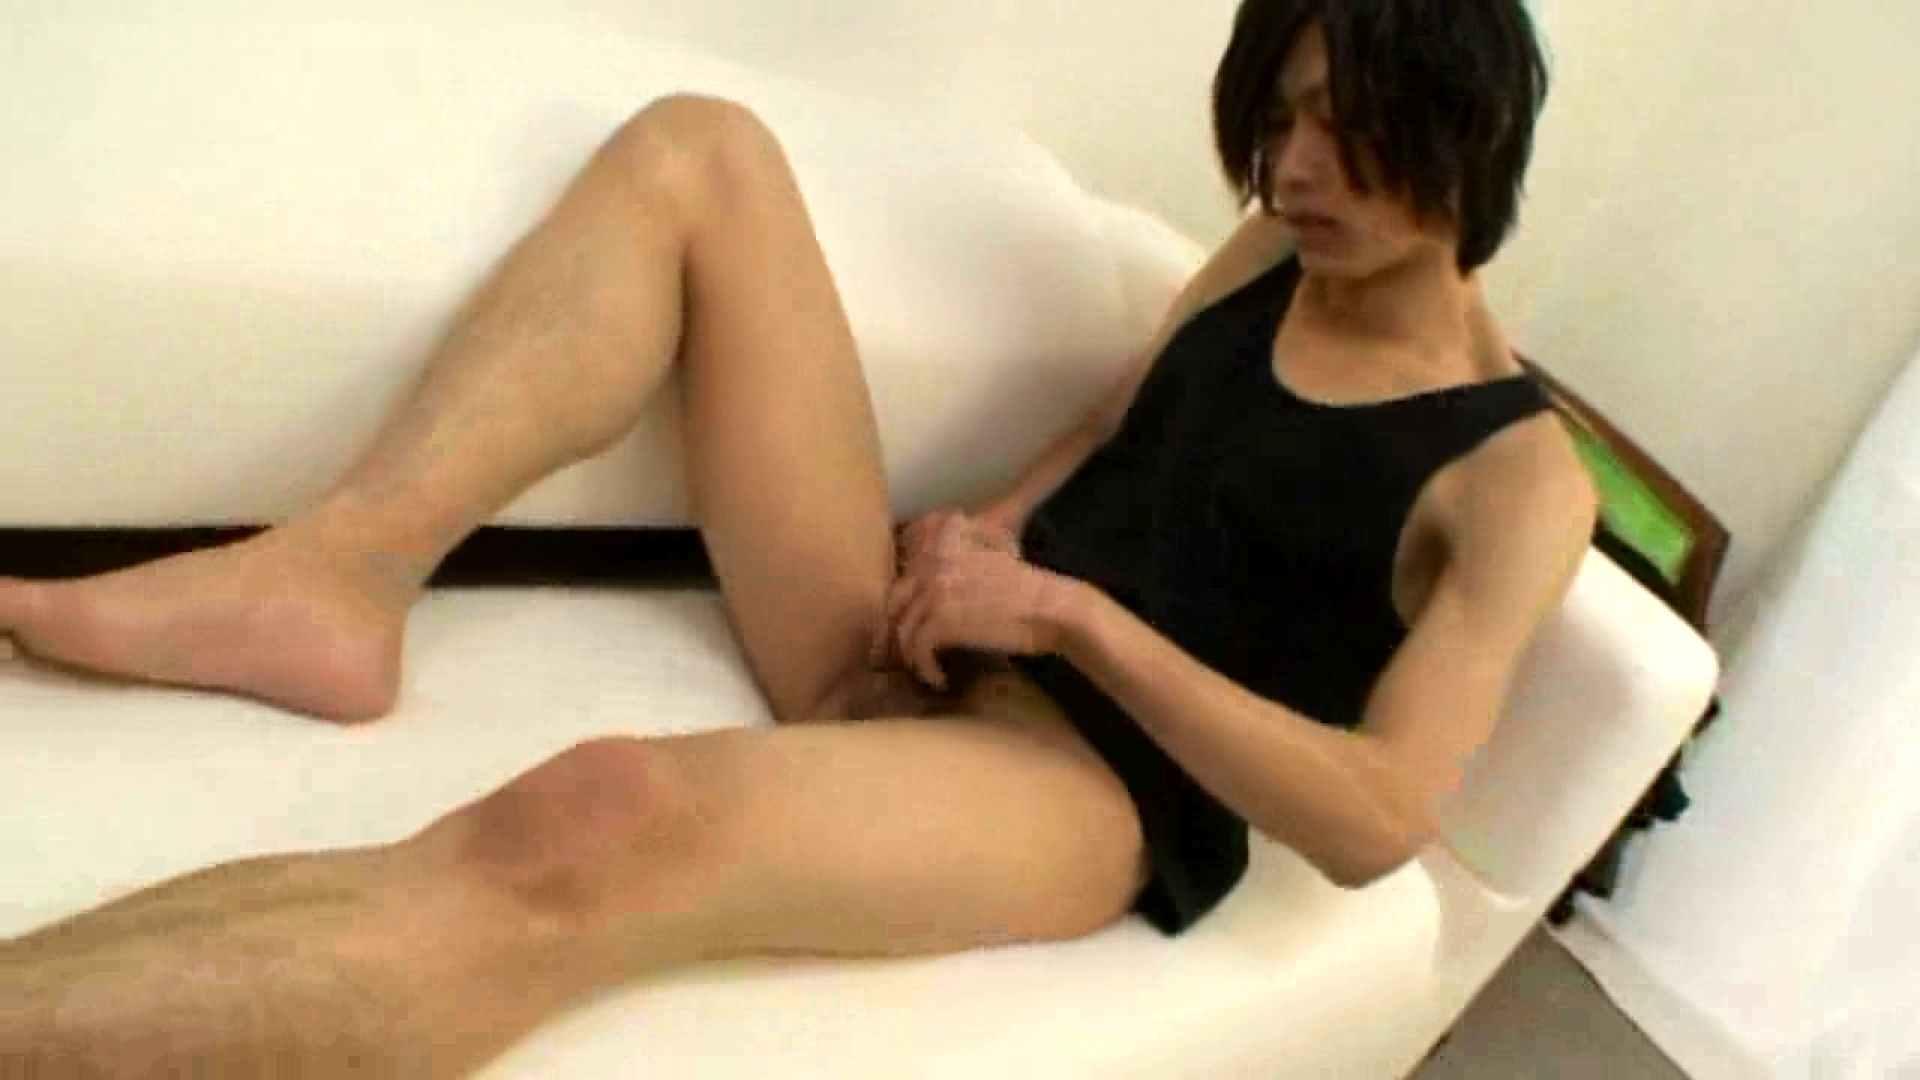 ノンケ!自慰スタジオ No.27 自慰特集 ちんぽ画像 71枚 55